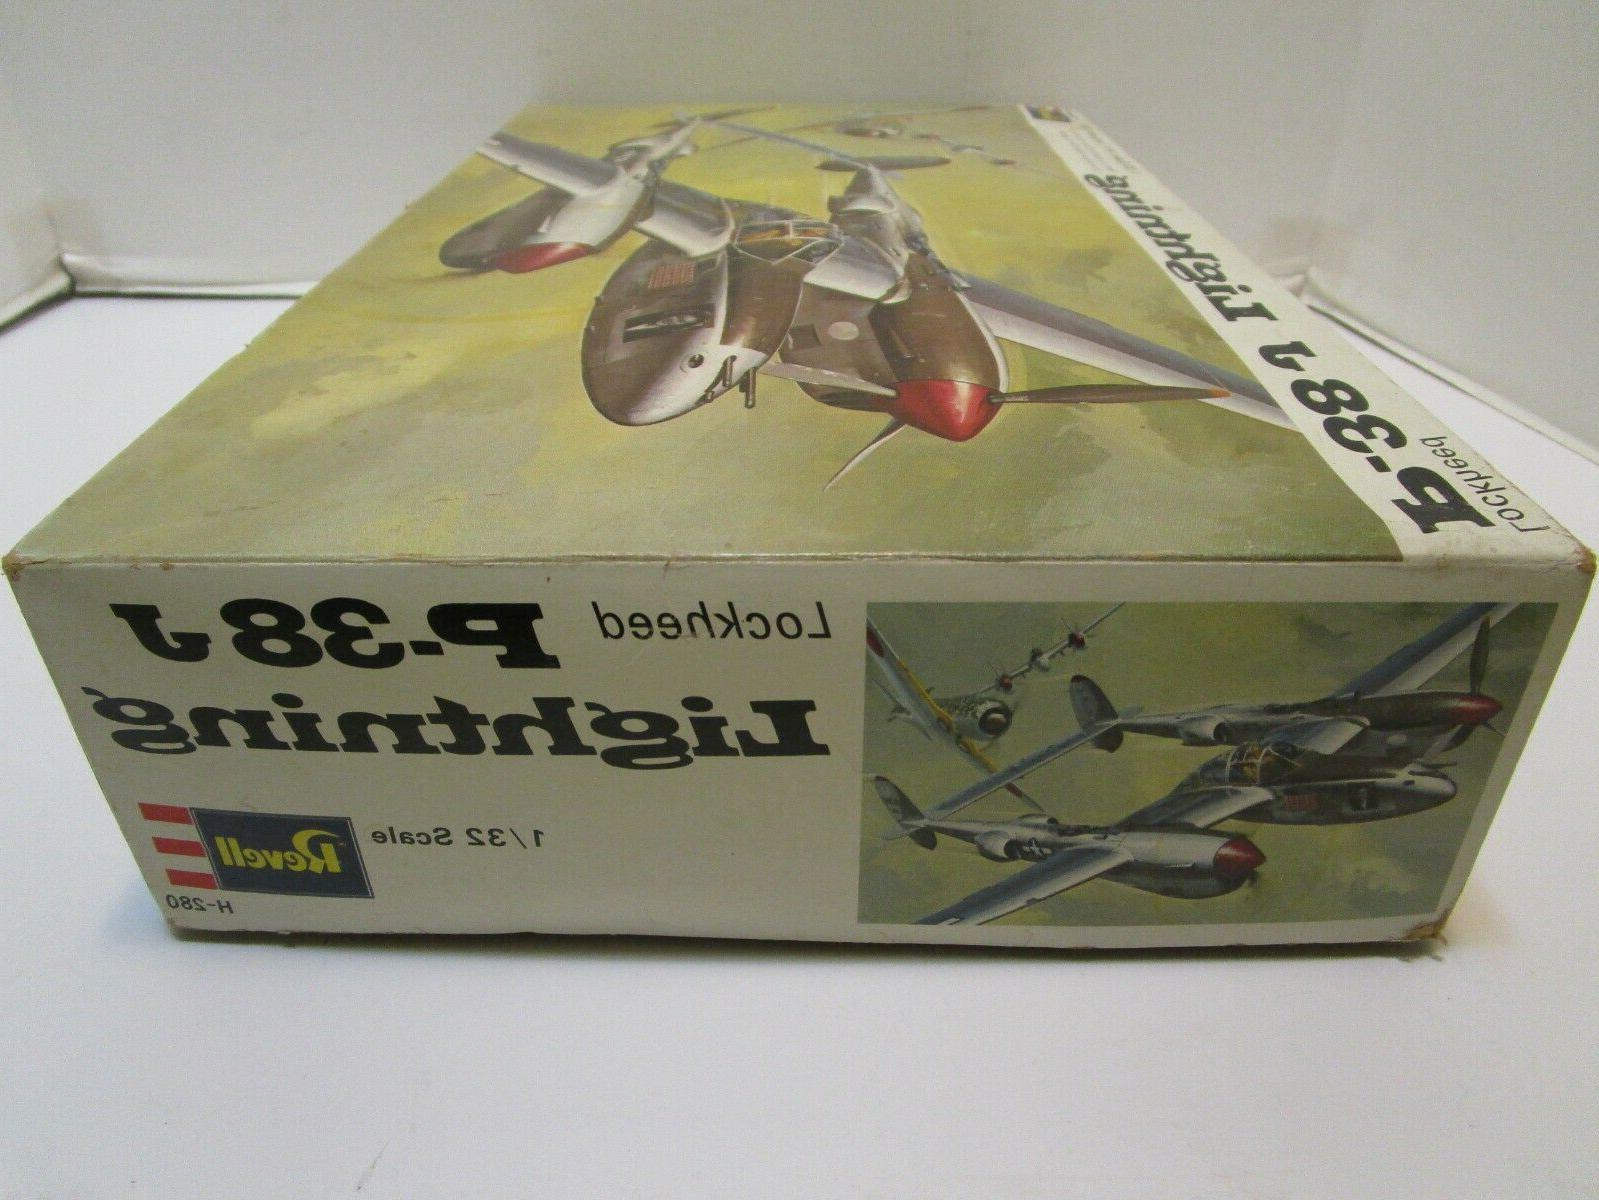 VINTAGE 1970 LIGHTNING MODEL KIT &